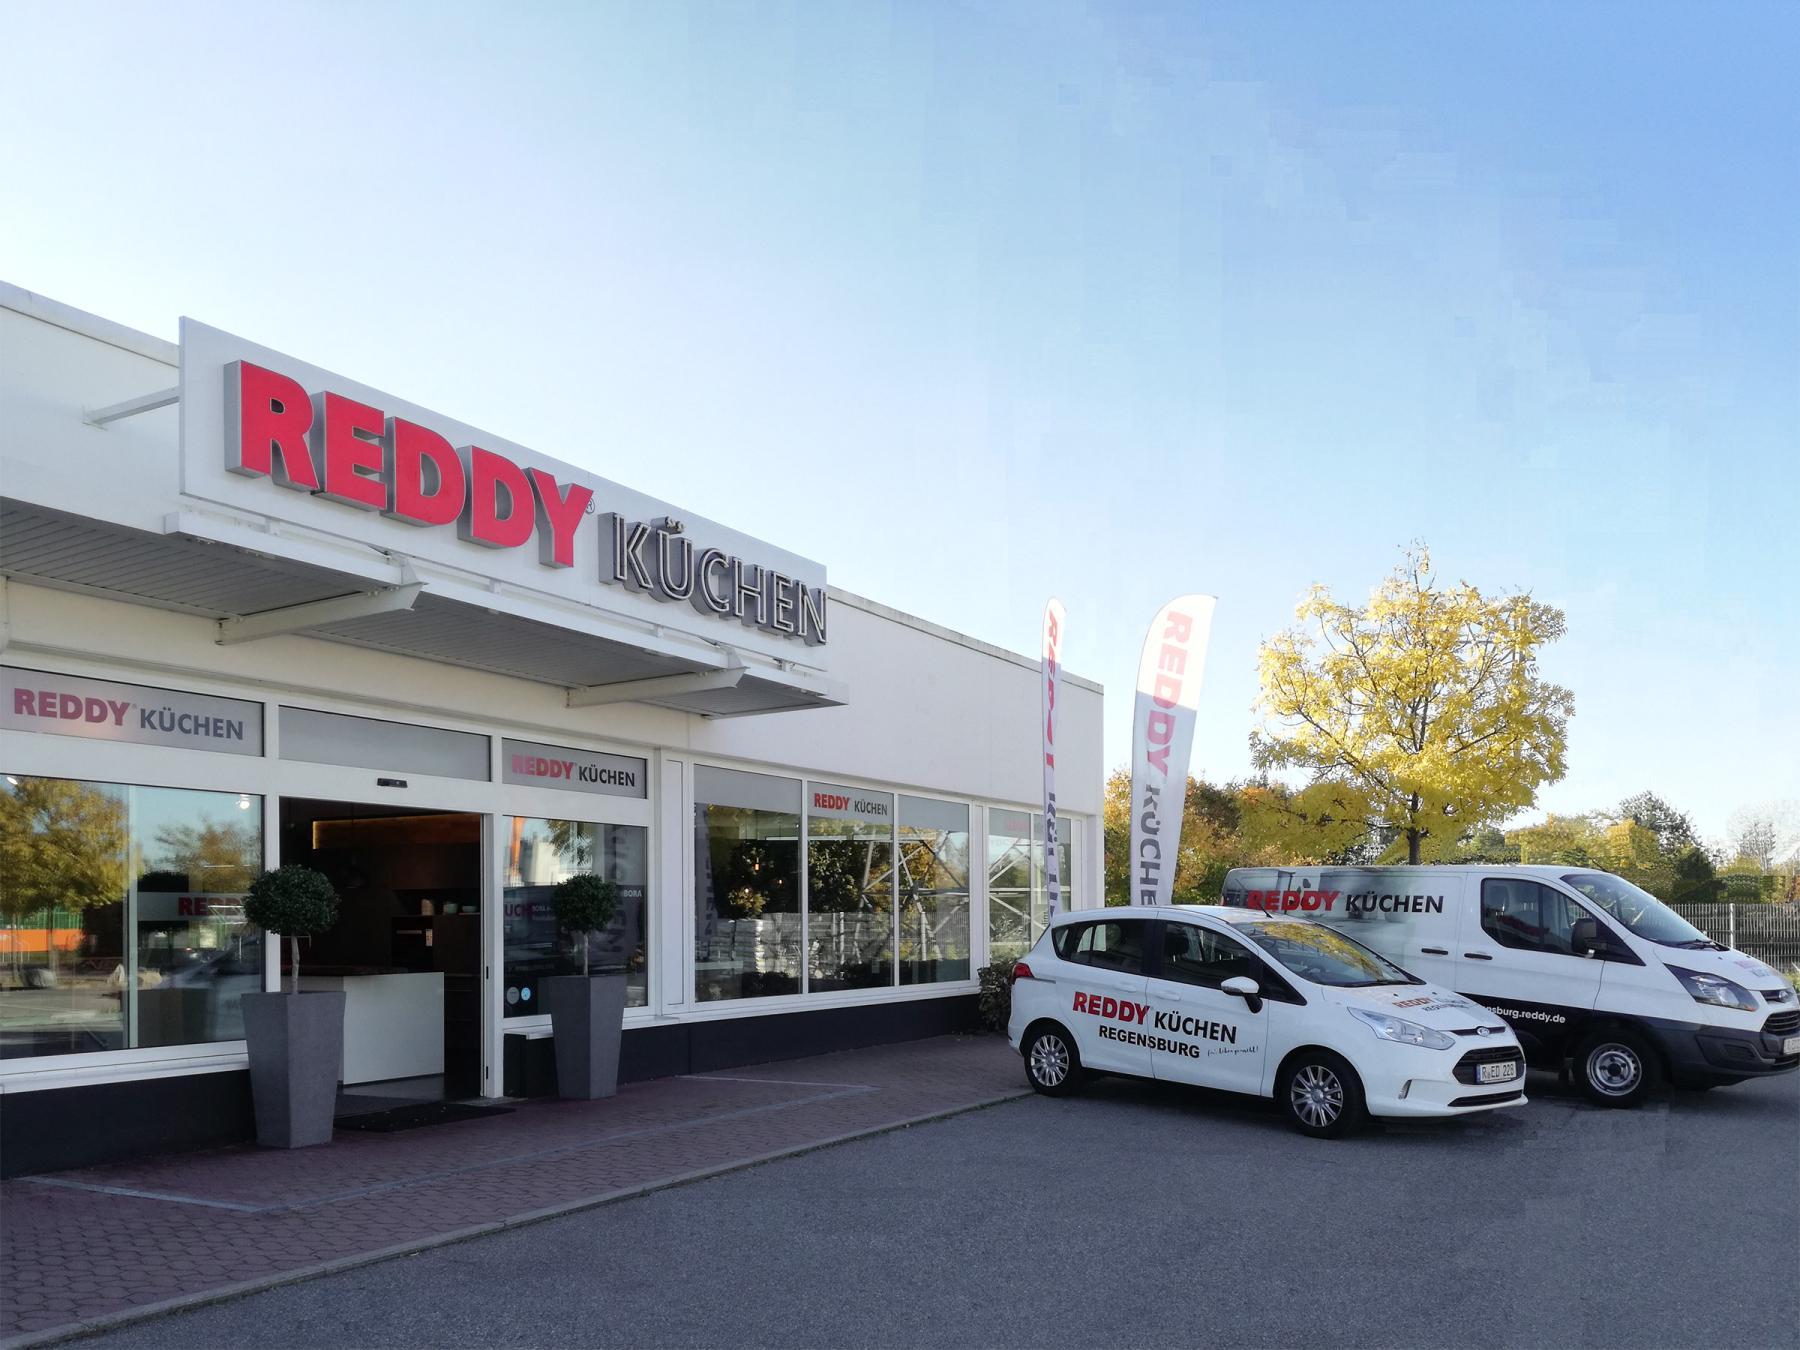 Küchen outlet  REDDY Küchen in Regensburg: Unser Fachmarkt.